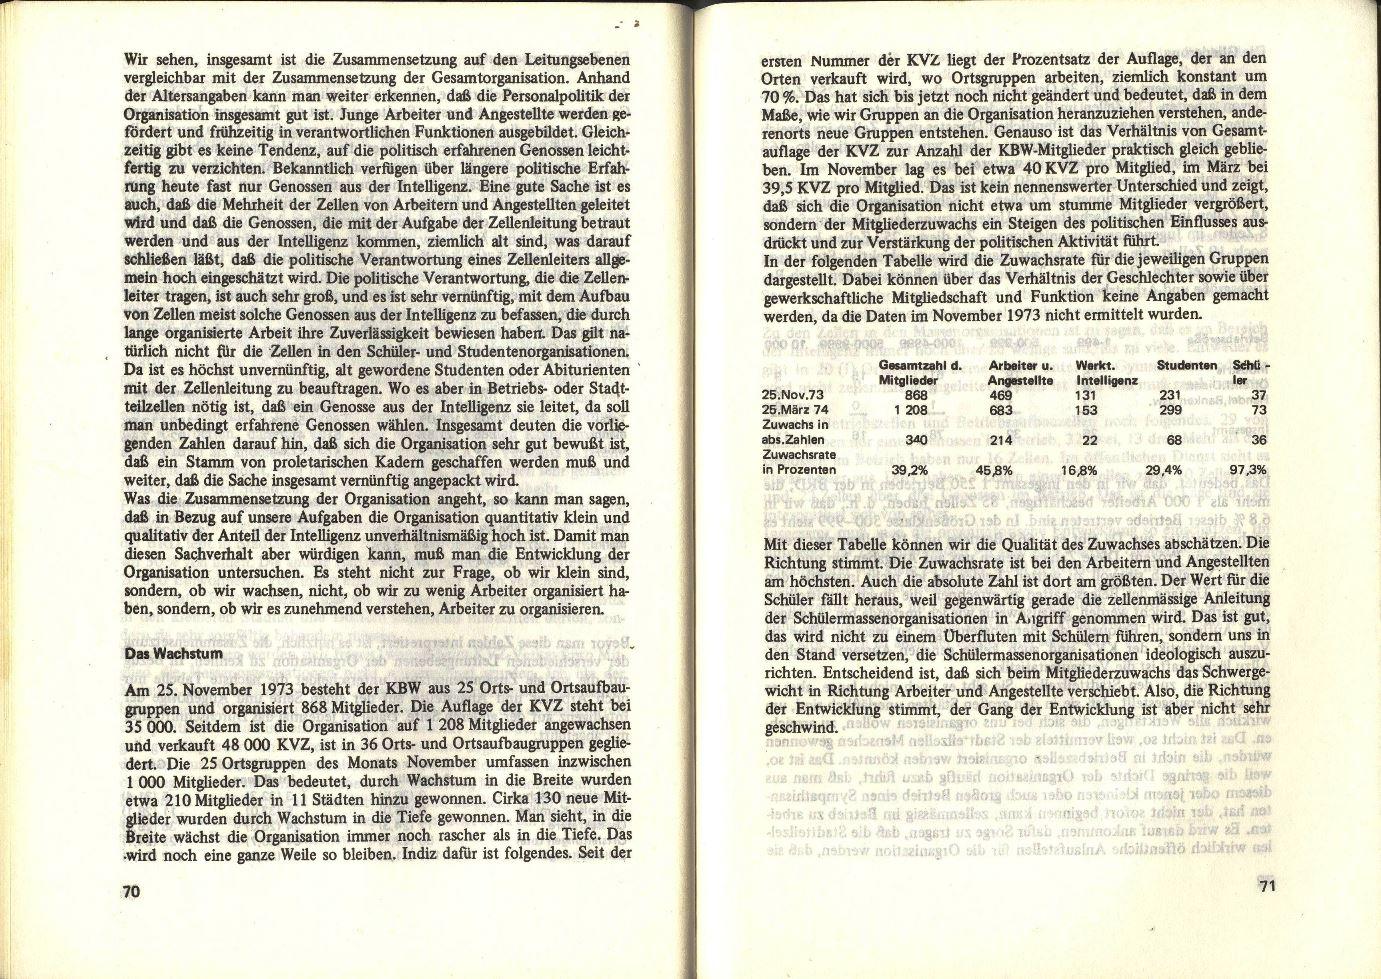 KBW_1974_Politischer_Bericht037